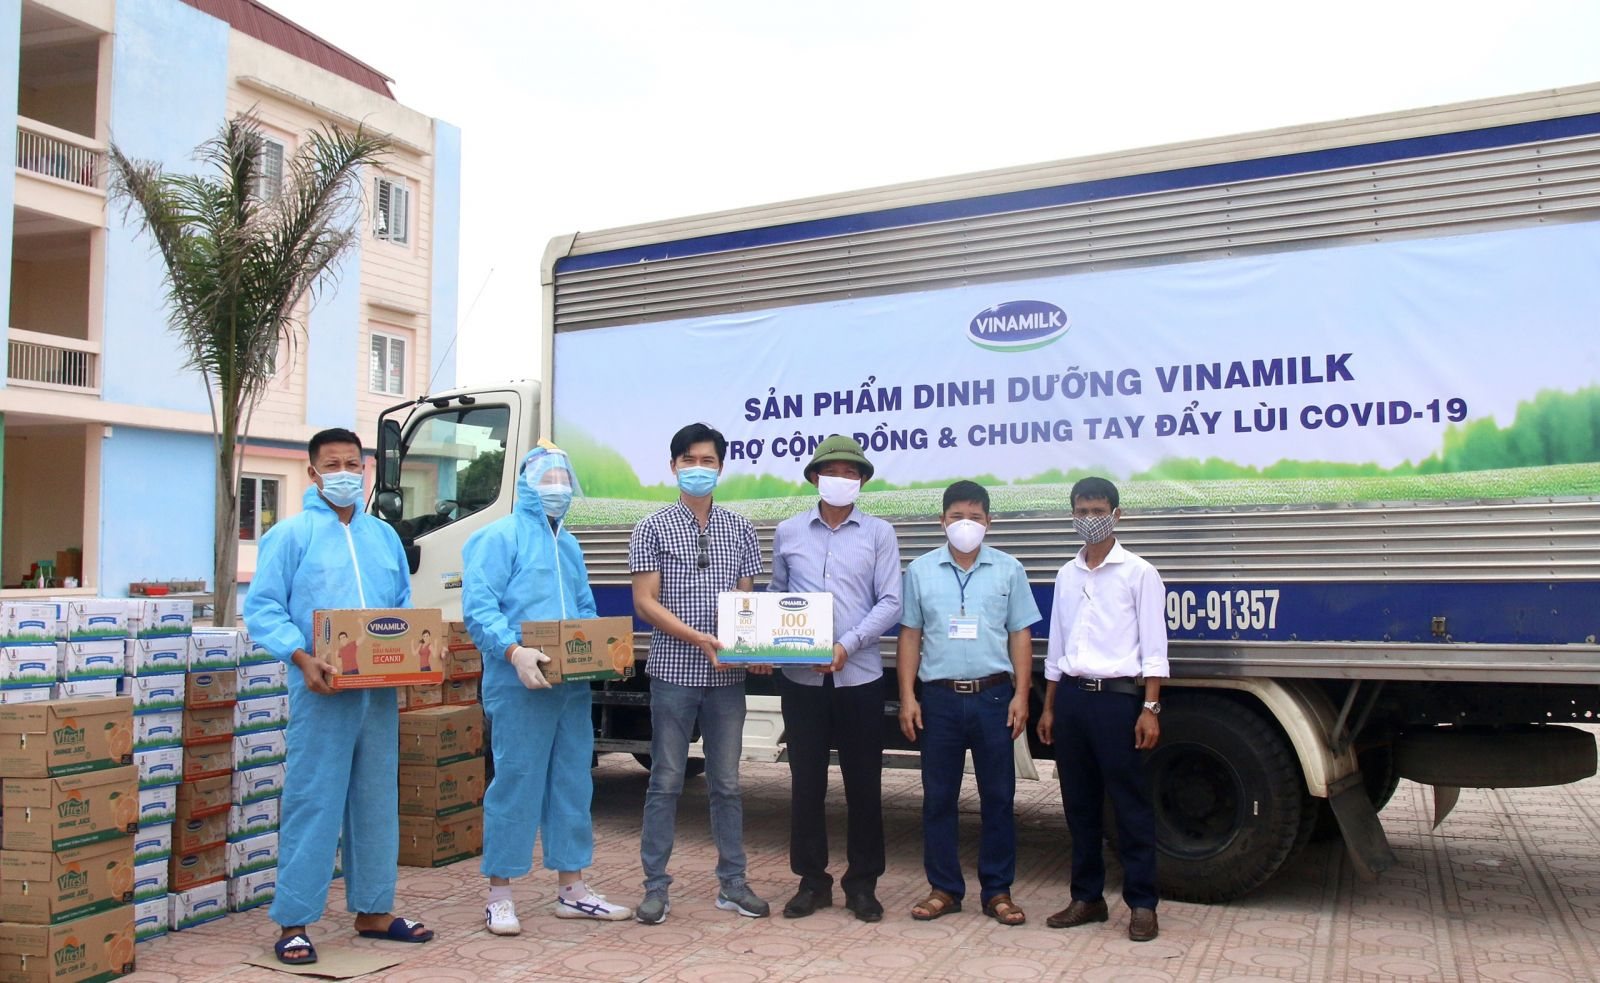 Vinamilk tiếp sức gần 200.000 sản phẩm cho lực lượng y tế và người dân tại các tâm điểm dịch